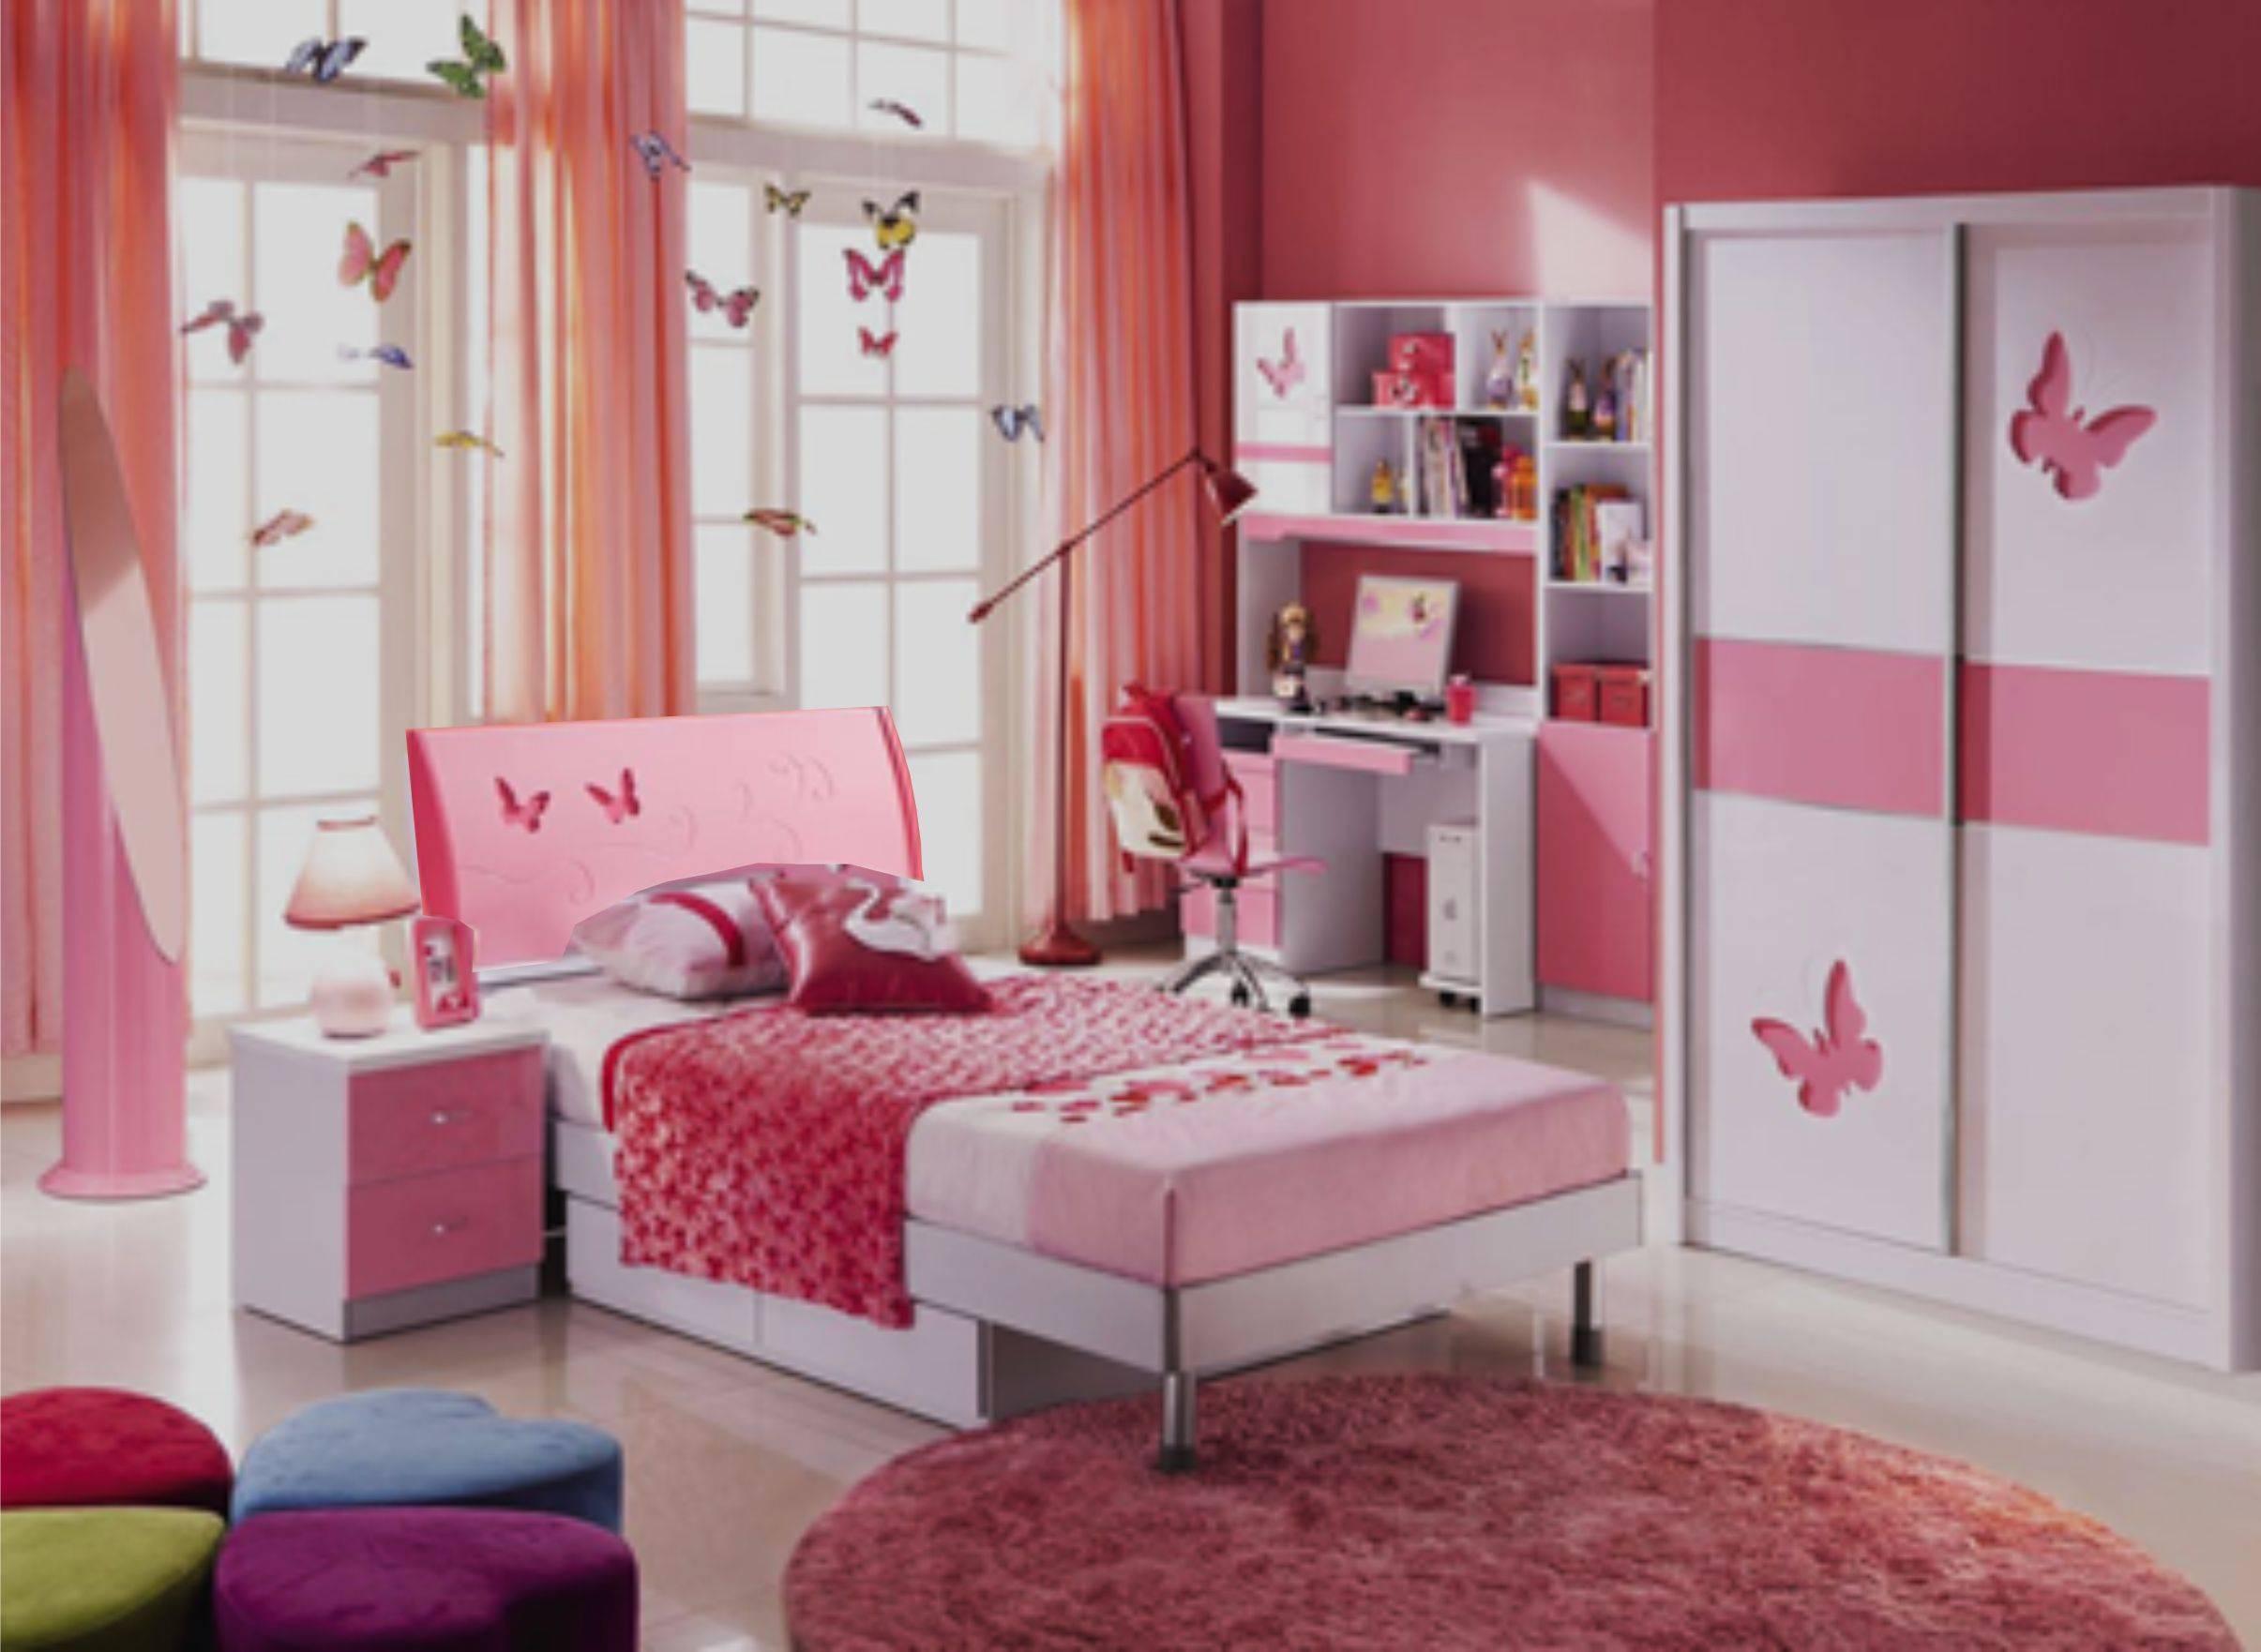 Детская спальня Пиккола (розово-белый) - купить в интернет-магазине Maxmebeli: цены, фото